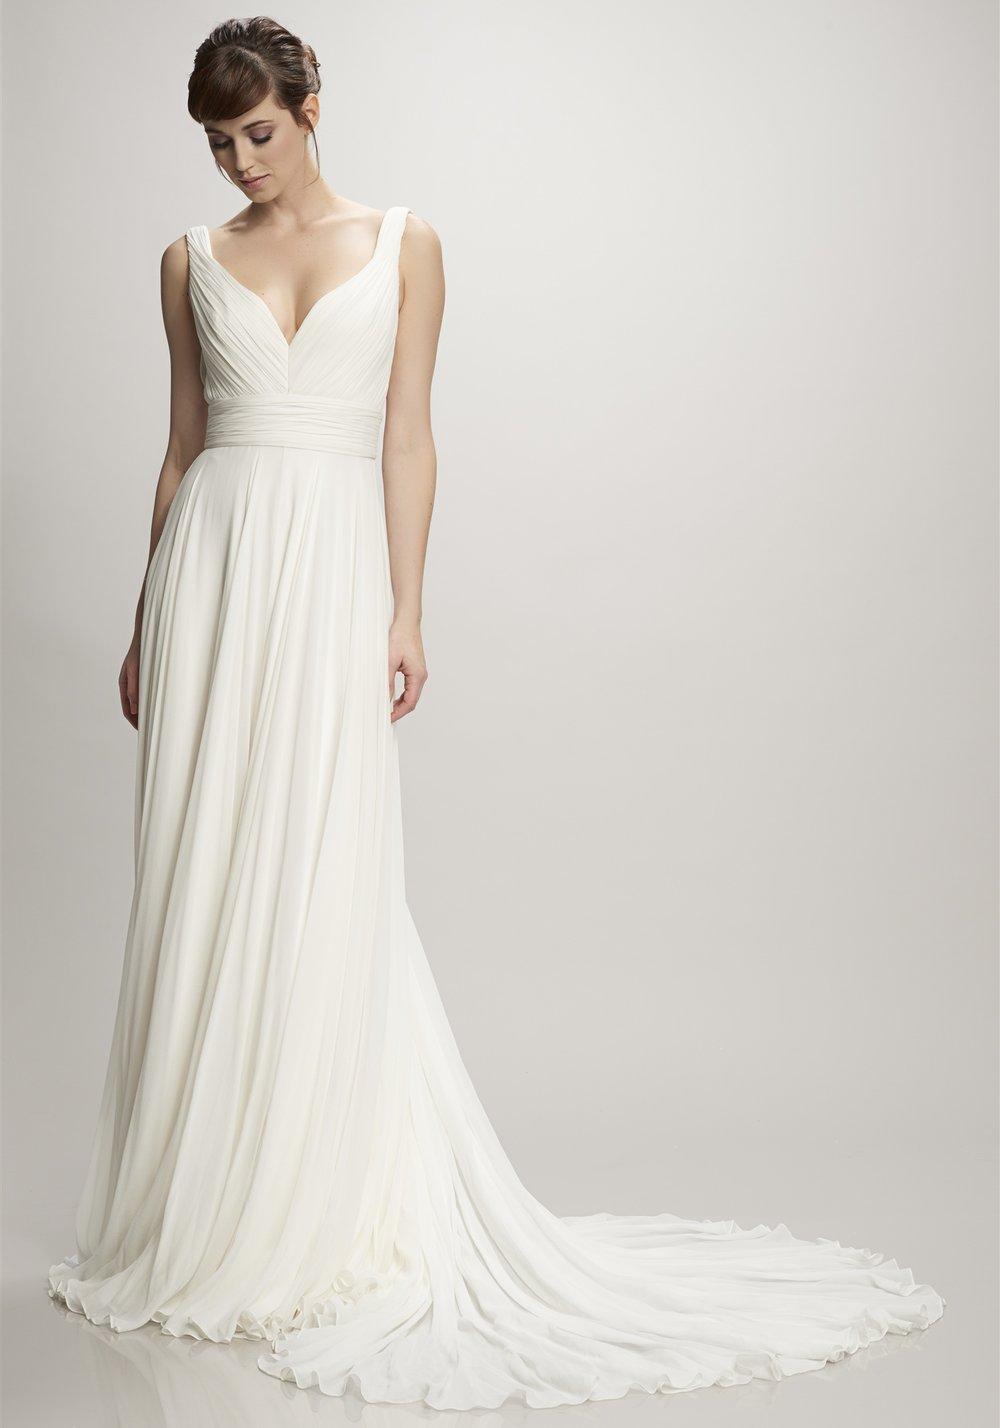 Theia 890256 Ivory // Retail Price $1450 | Our Price $1015